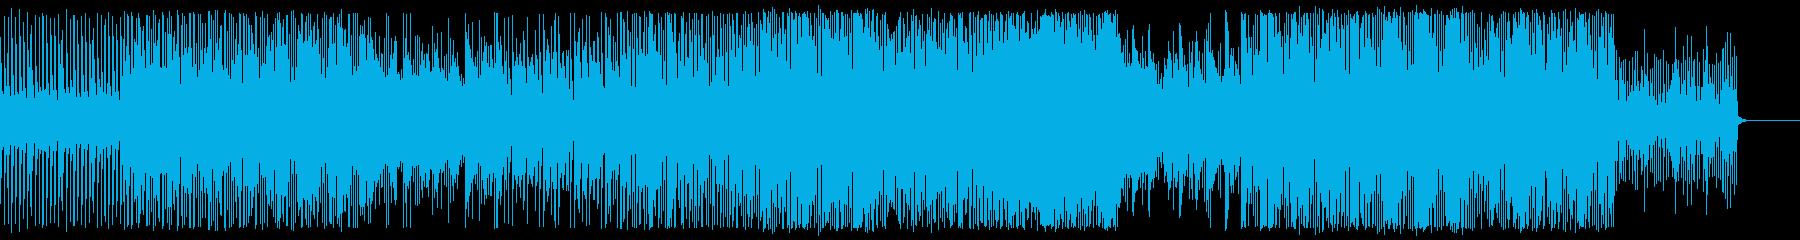 ファンキーディスコ風ダンストラックの再生済みの波形